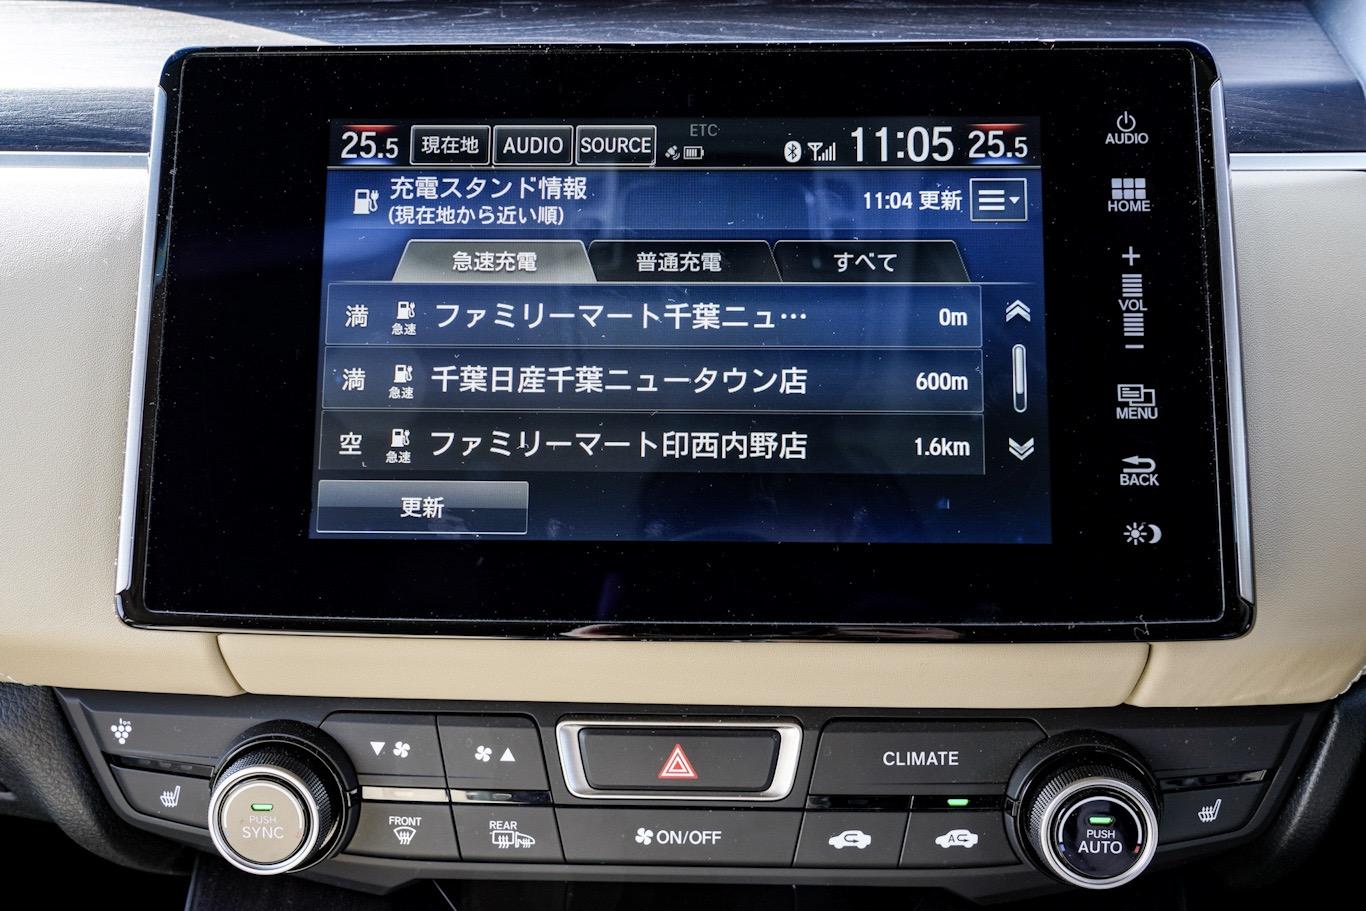 ホンダ クラリティPHEV「internavi」充電スタンド検索画面